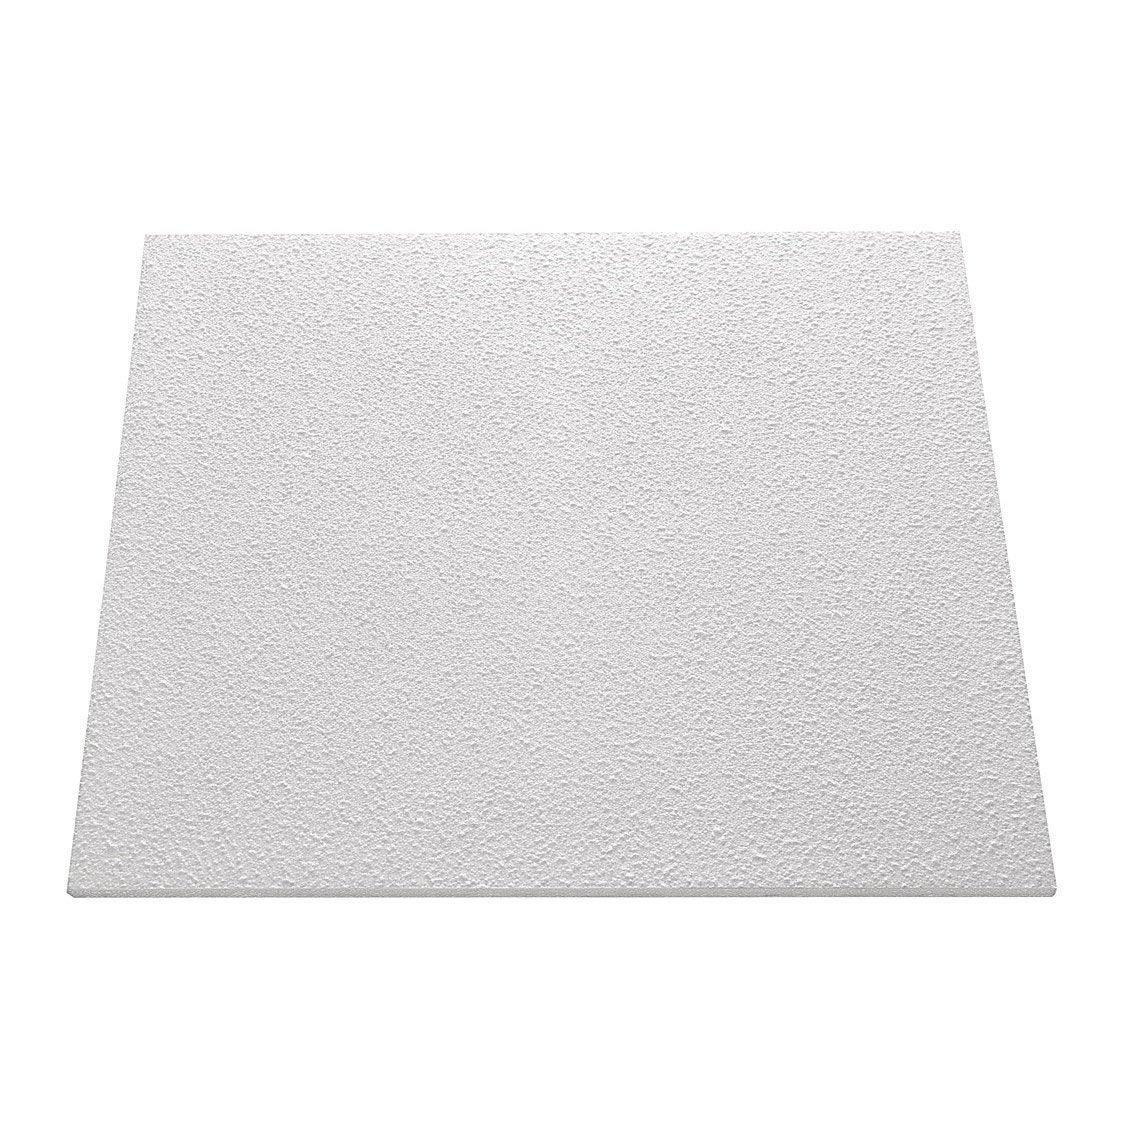 peinture plafond noir mat nanterre modele devis gratuit pour batiment plafond abime toile de verre. Black Bedroom Furniture Sets. Home Design Ideas